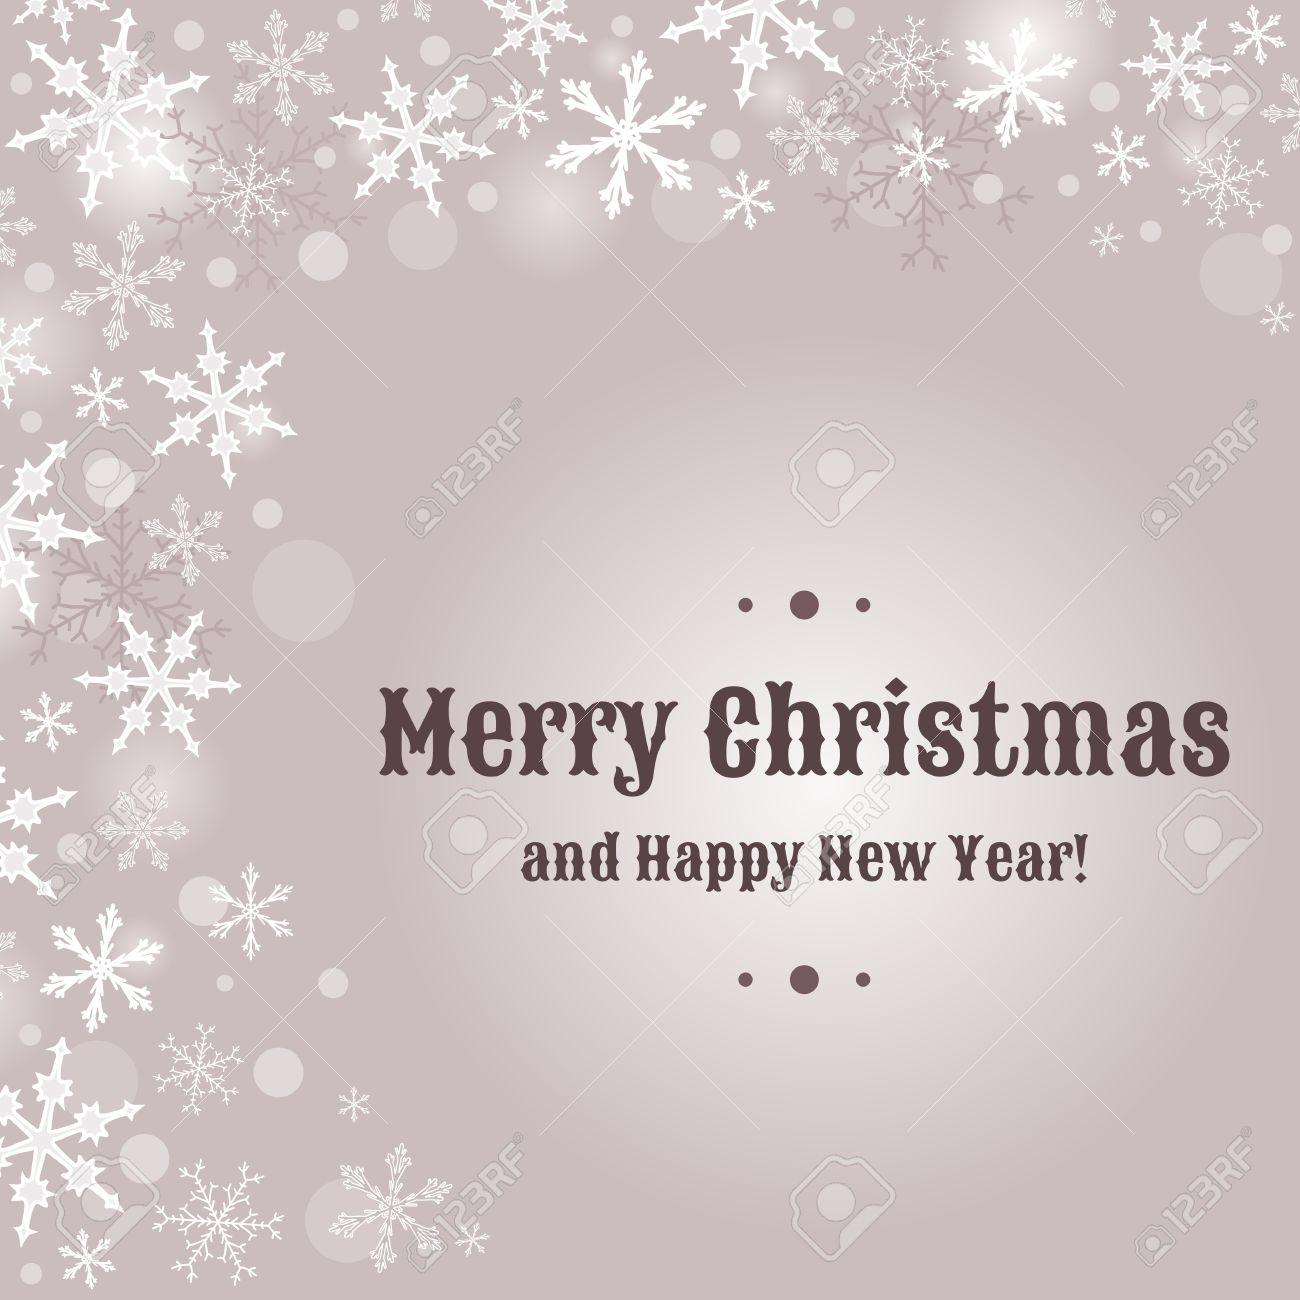 Doc572792 Christmas Wishes Sample Doc572792 Christmas – Christmas Wishes Sample